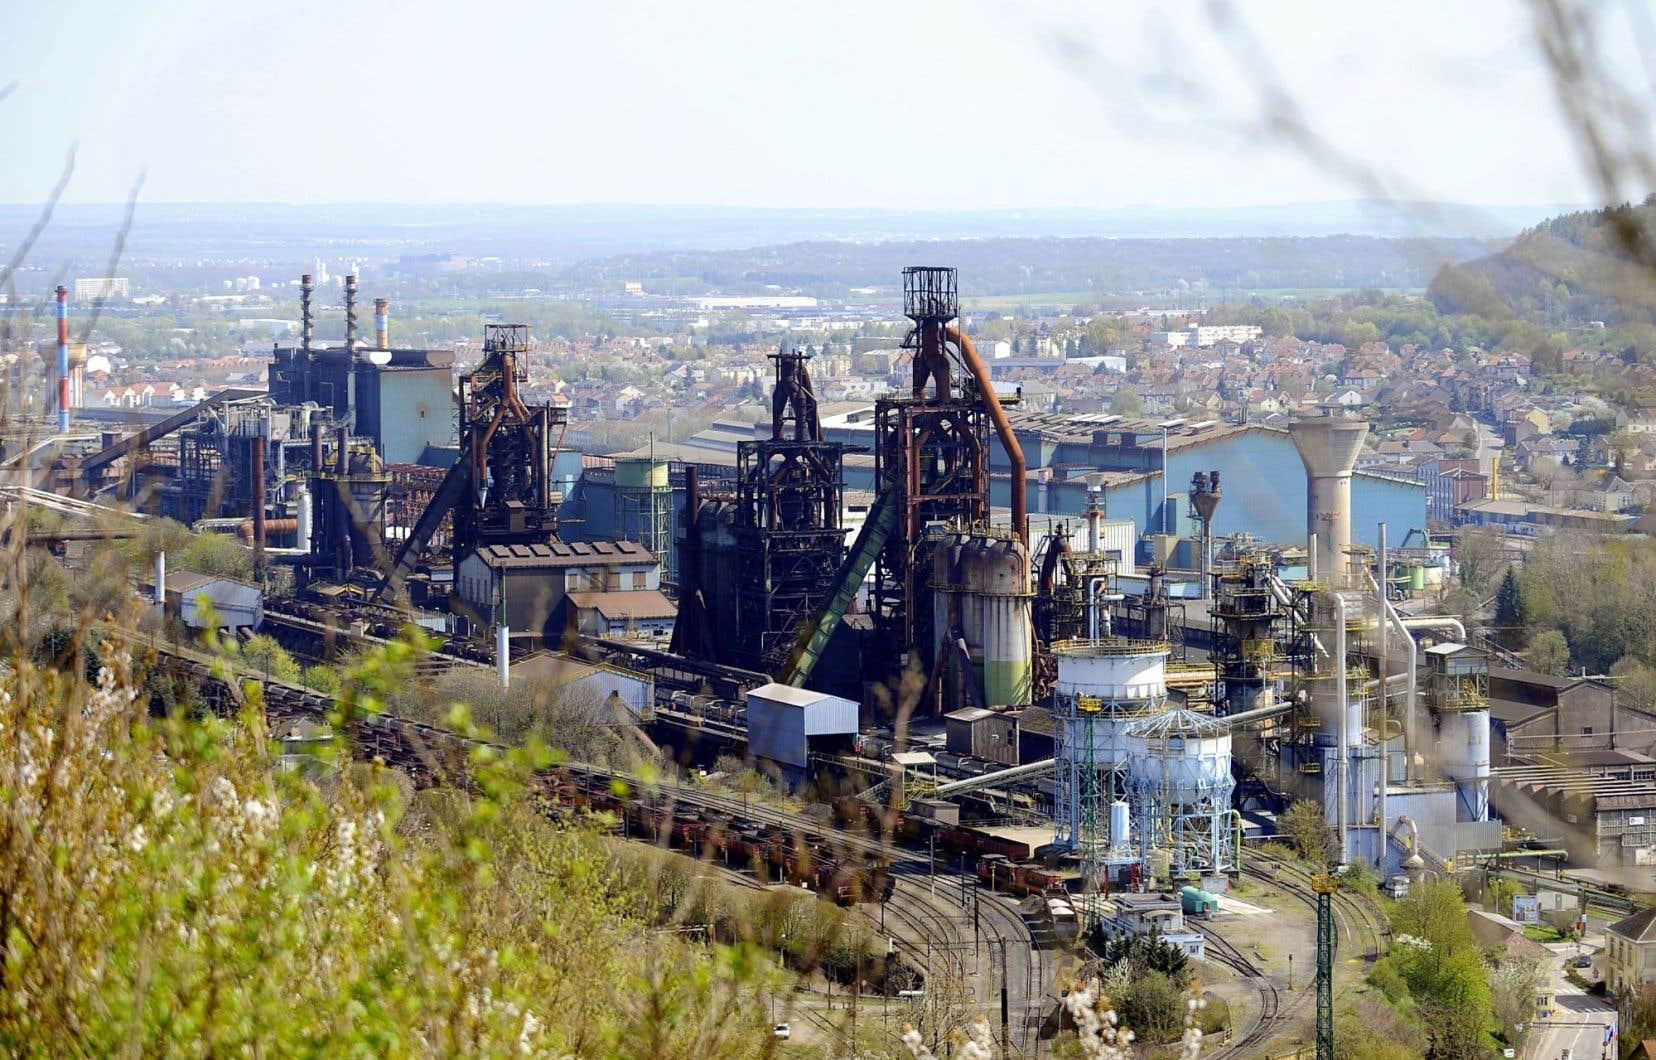 La ville de Florange a été durement affectée par les fermetures d'usine depuis une dizaine d'années. La fermeture de l'acierie d'Arcelor-Mittal a fait disparaître 1800 emplois dans une région qui en avait déjà perdu 750 000 en dix ans.